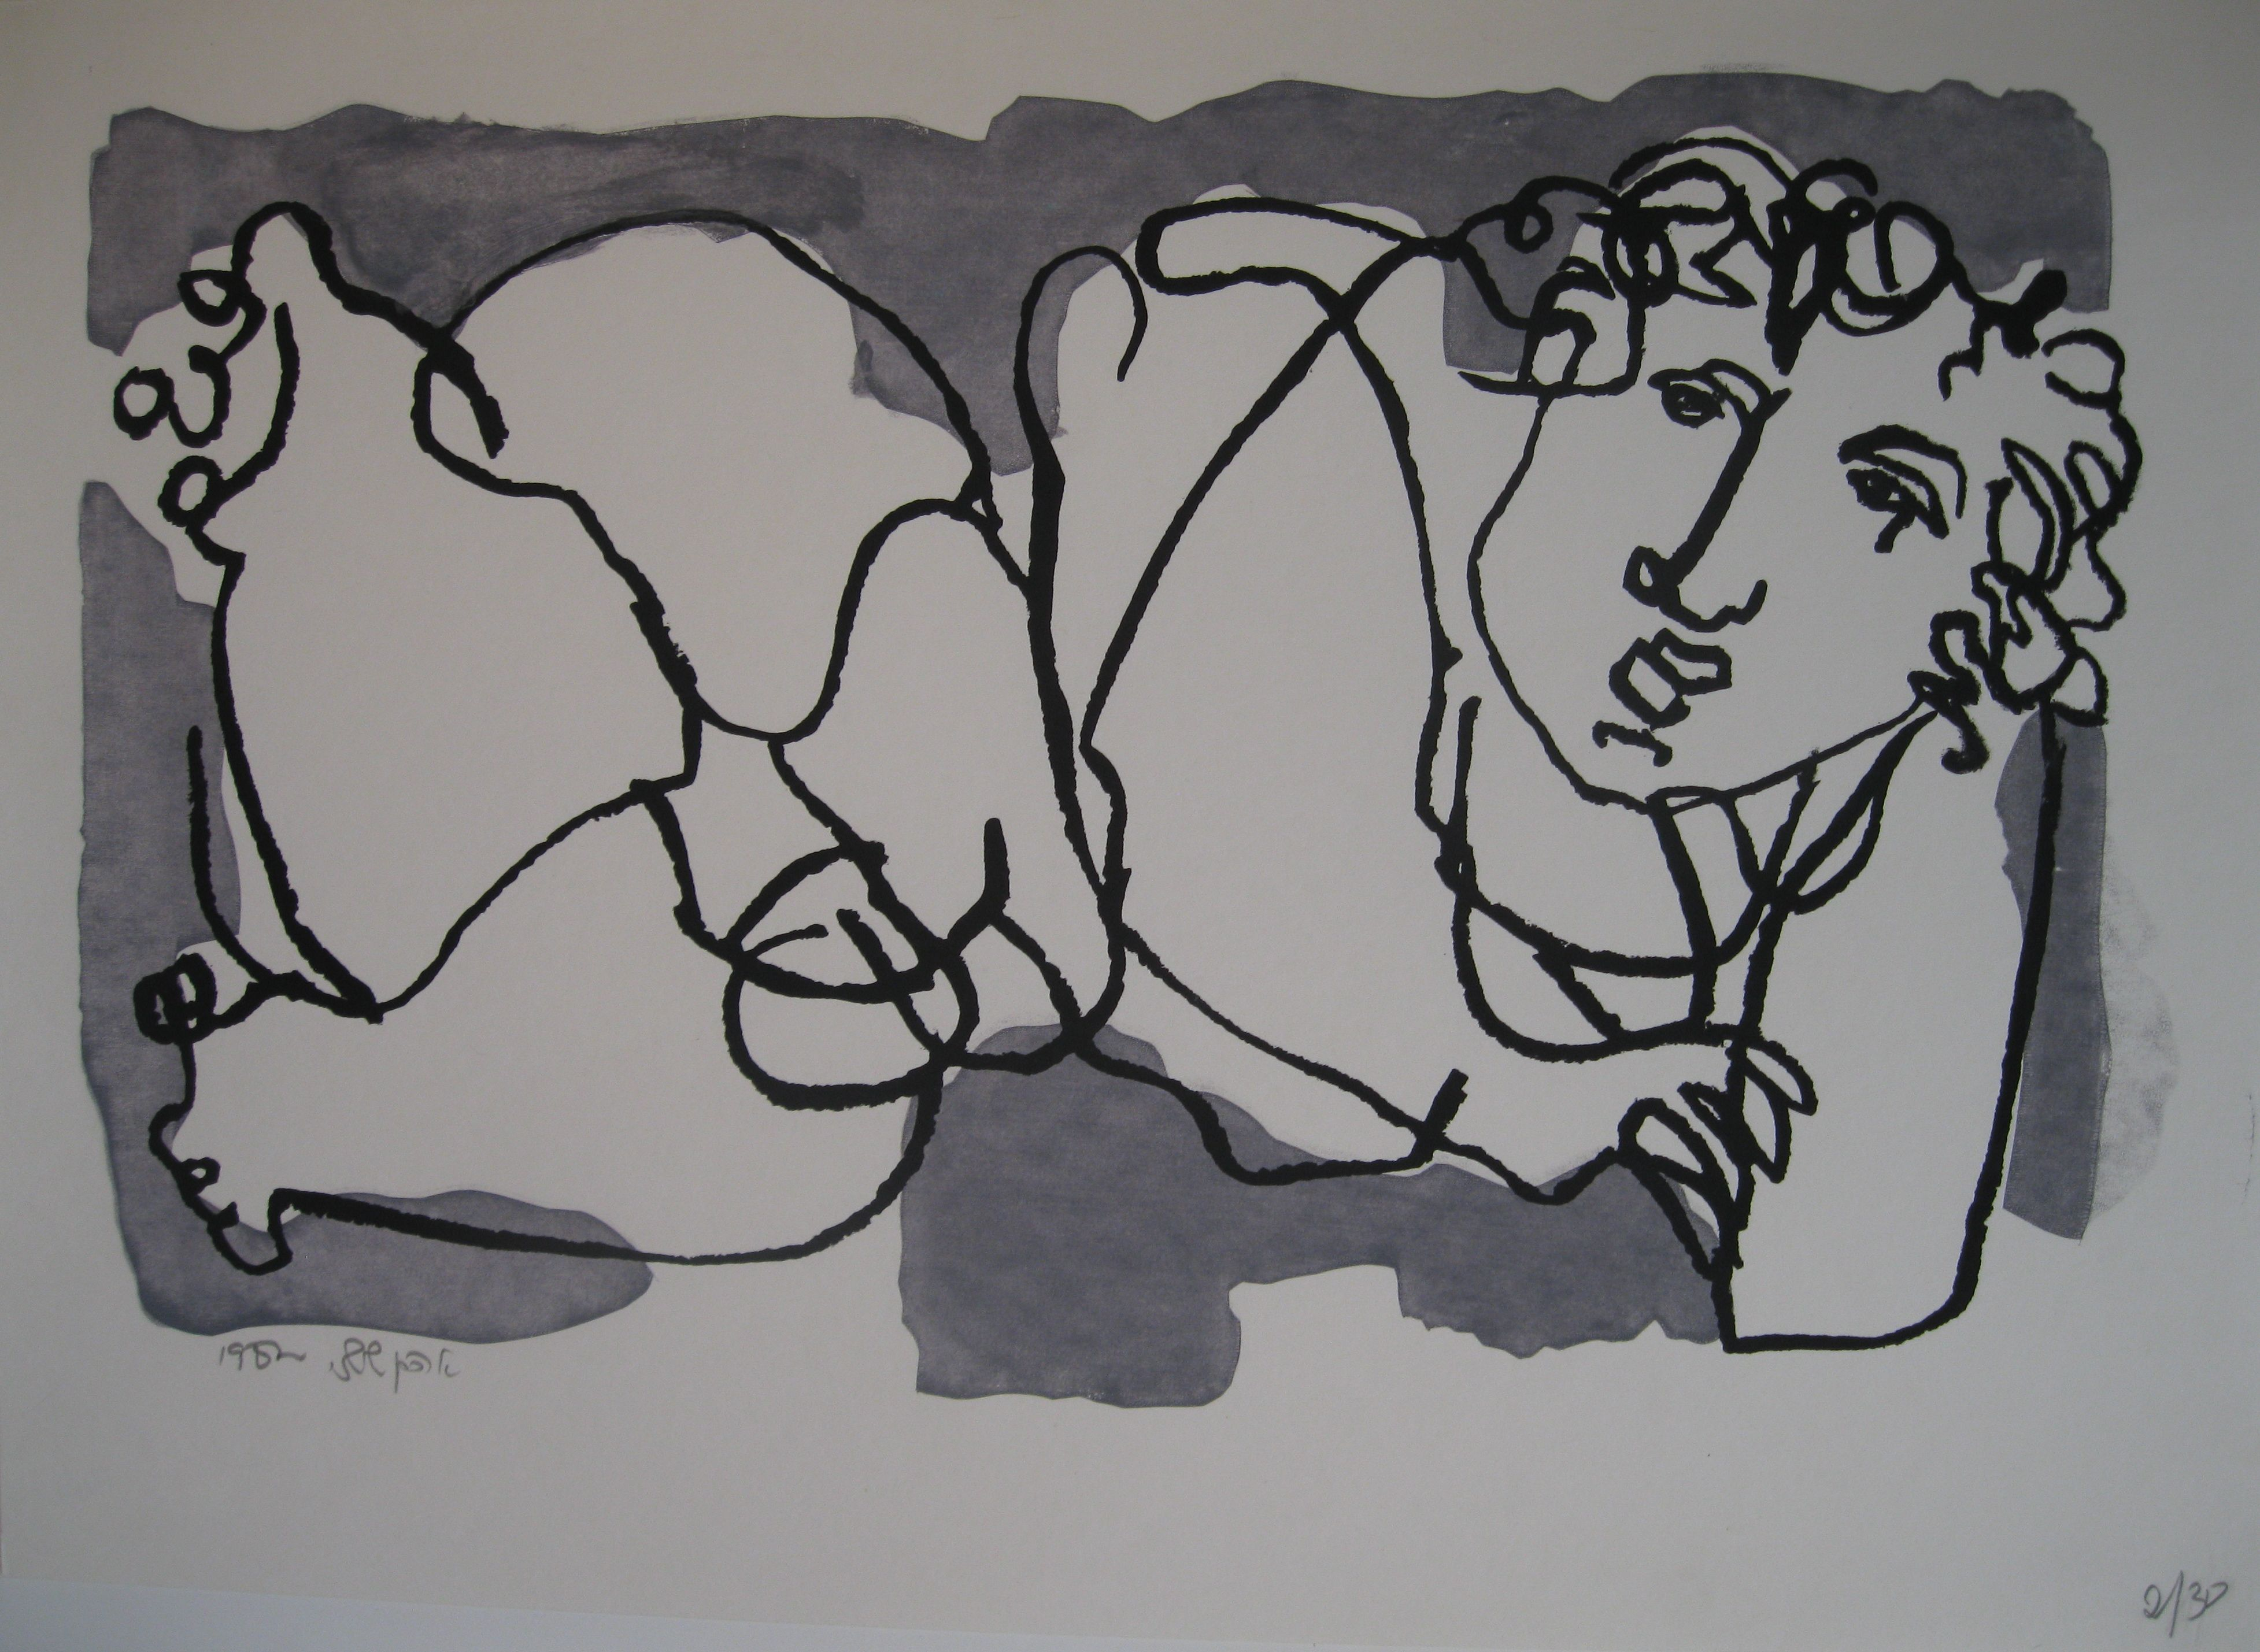 Aharon shoshany oil based silk screen on paper 230 1982